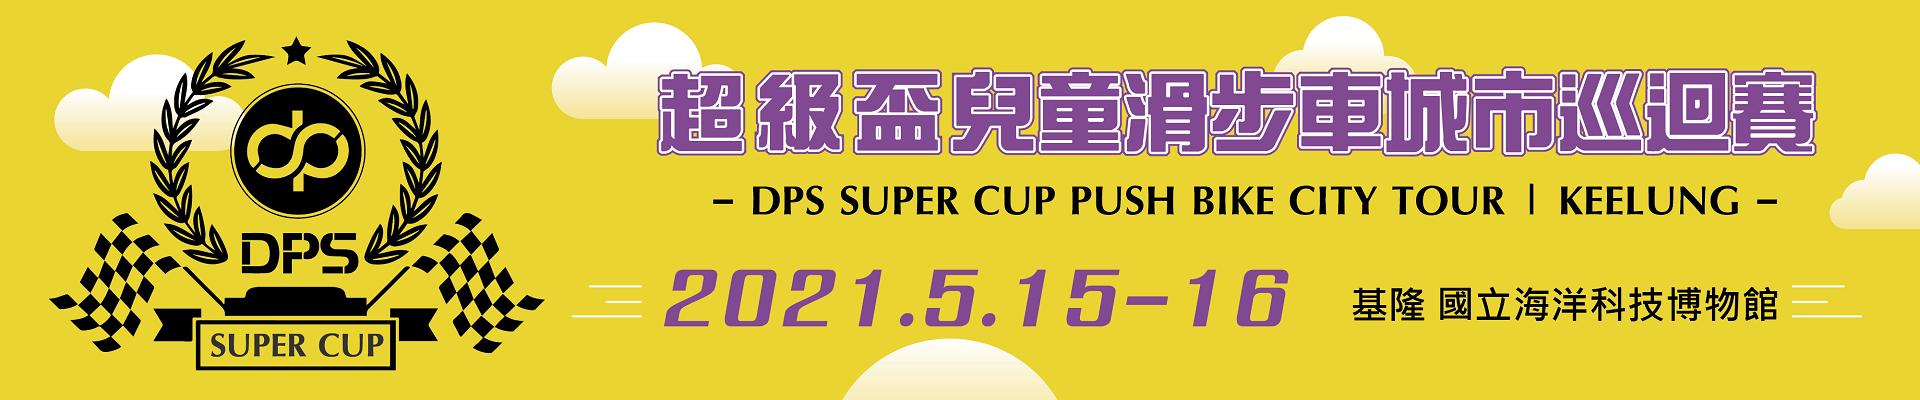 DPS超級盃 兒童滑步車城市巡迴賽 - 基隆-主視覺